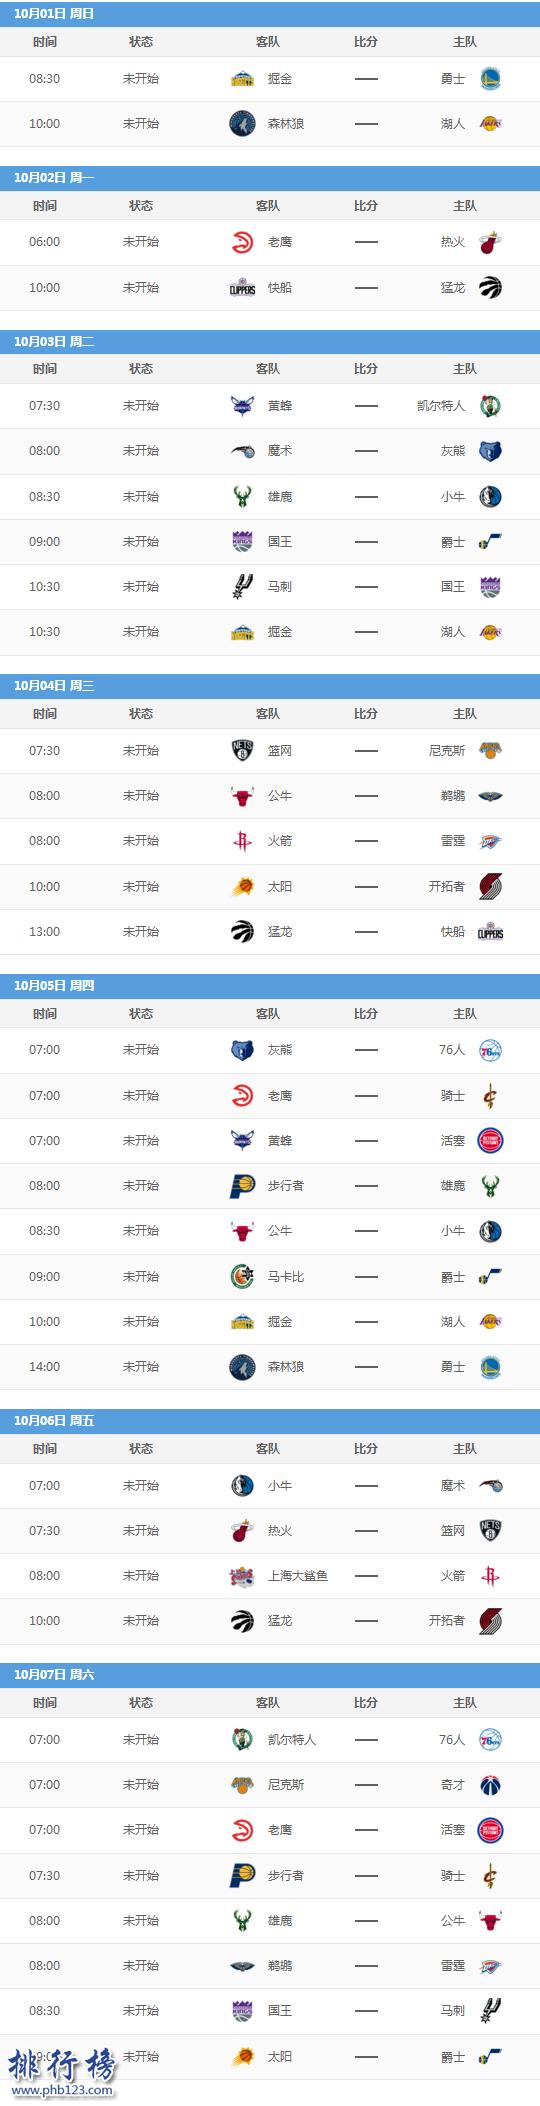 2017-2018NBA季前赛什么时候开始,2018NBA季前赛赛程